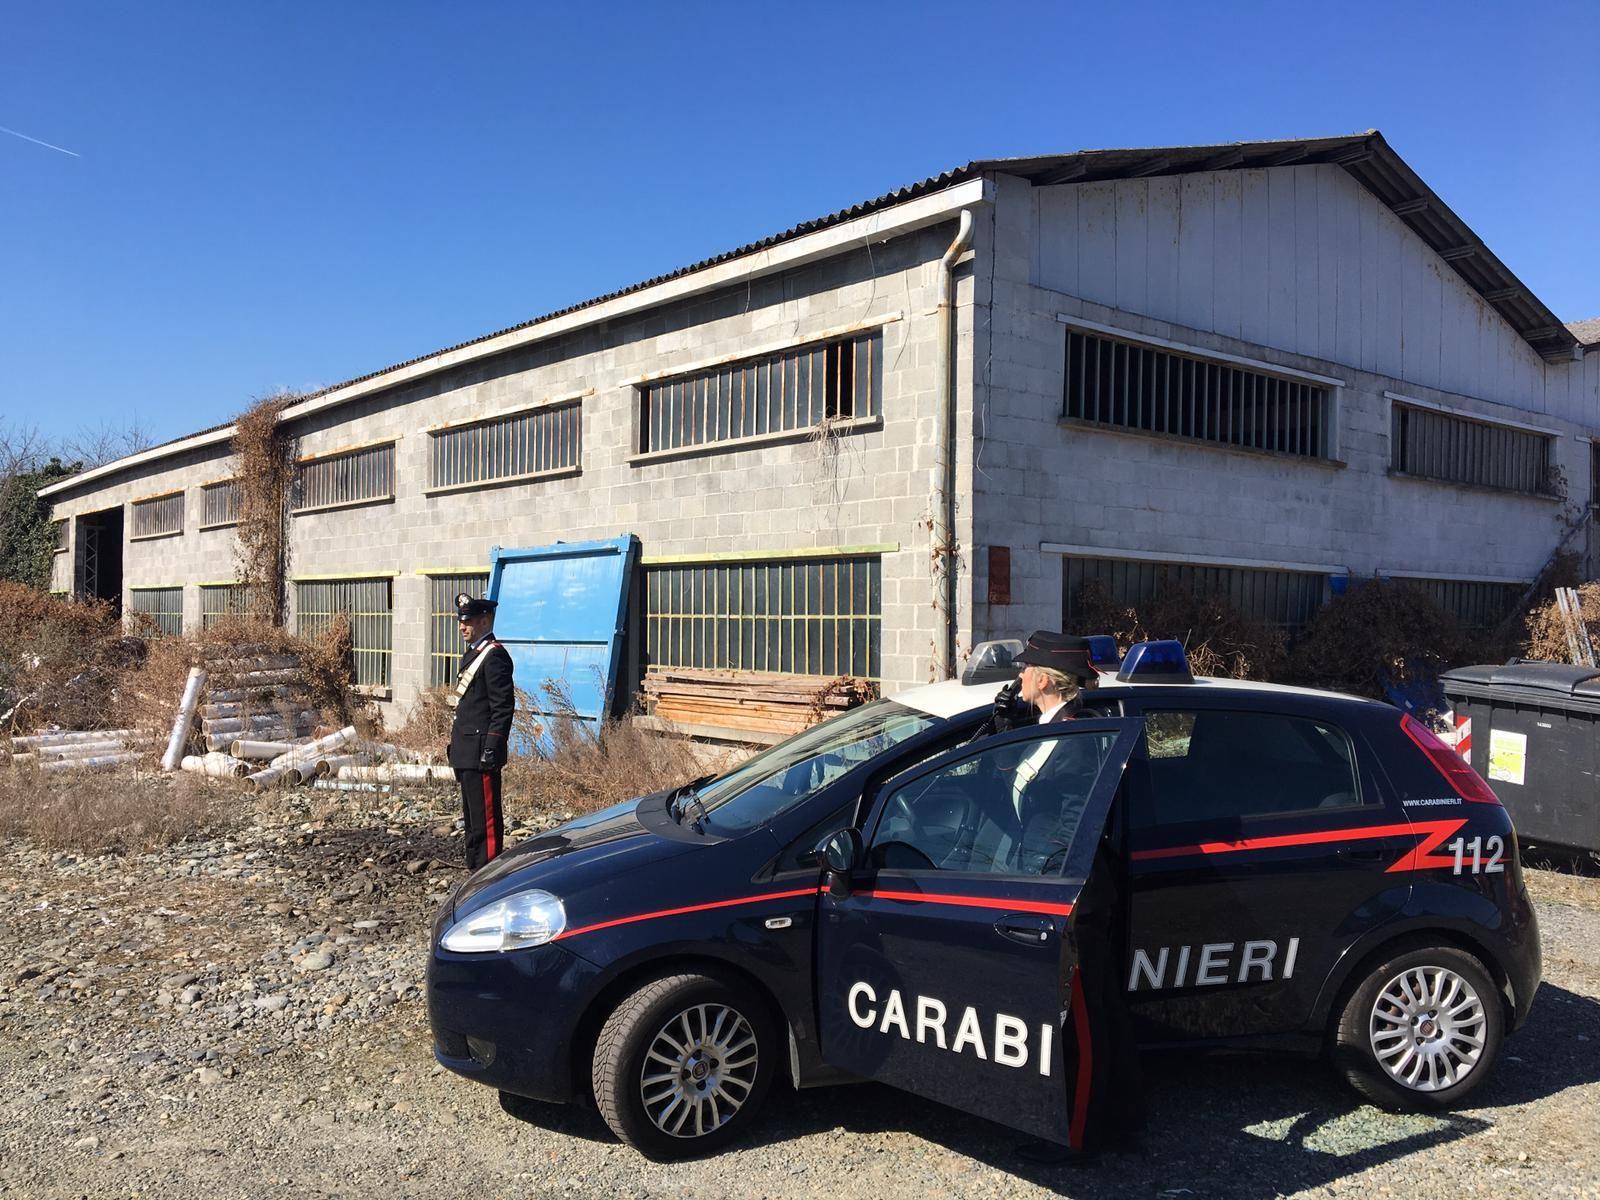 AMBIENTE - Due persone di Agliè denunciate dai carabinieri di Caselle per la gestione illecita di rifiuti pericolosi